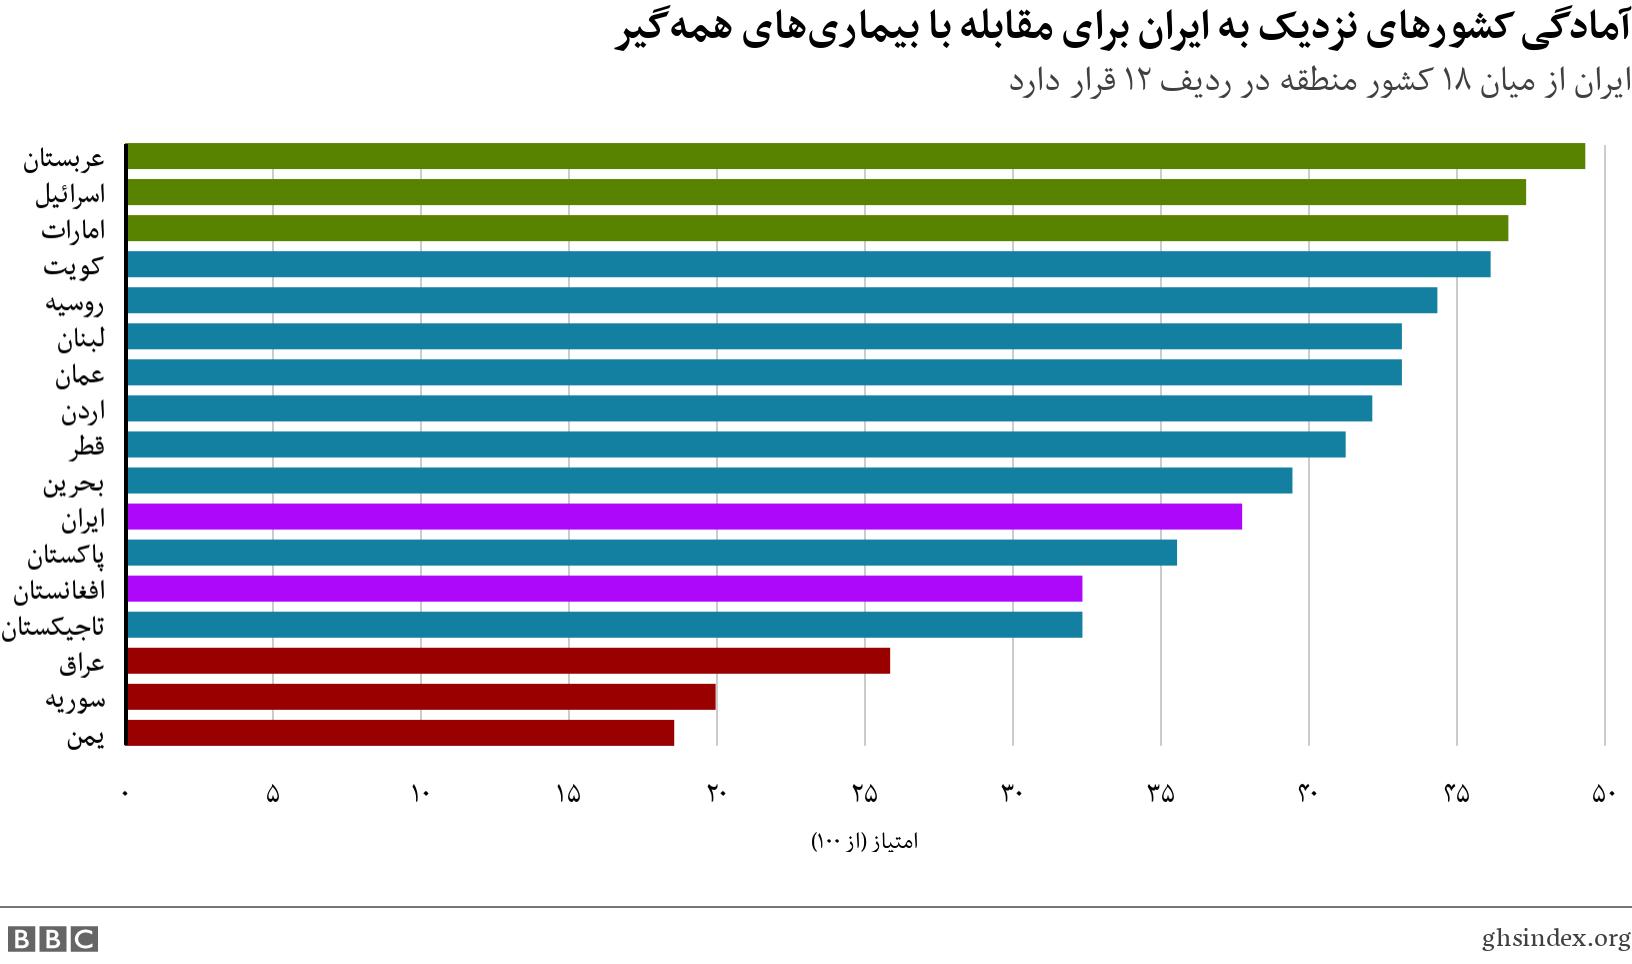 آمادگی کشورهای نزدیک به ایران برای مقابله با بیماریهای همهگیر. ایران از میان ۱۸ کشور منطقه در ردیف ۱۲ قرار دارد.  .